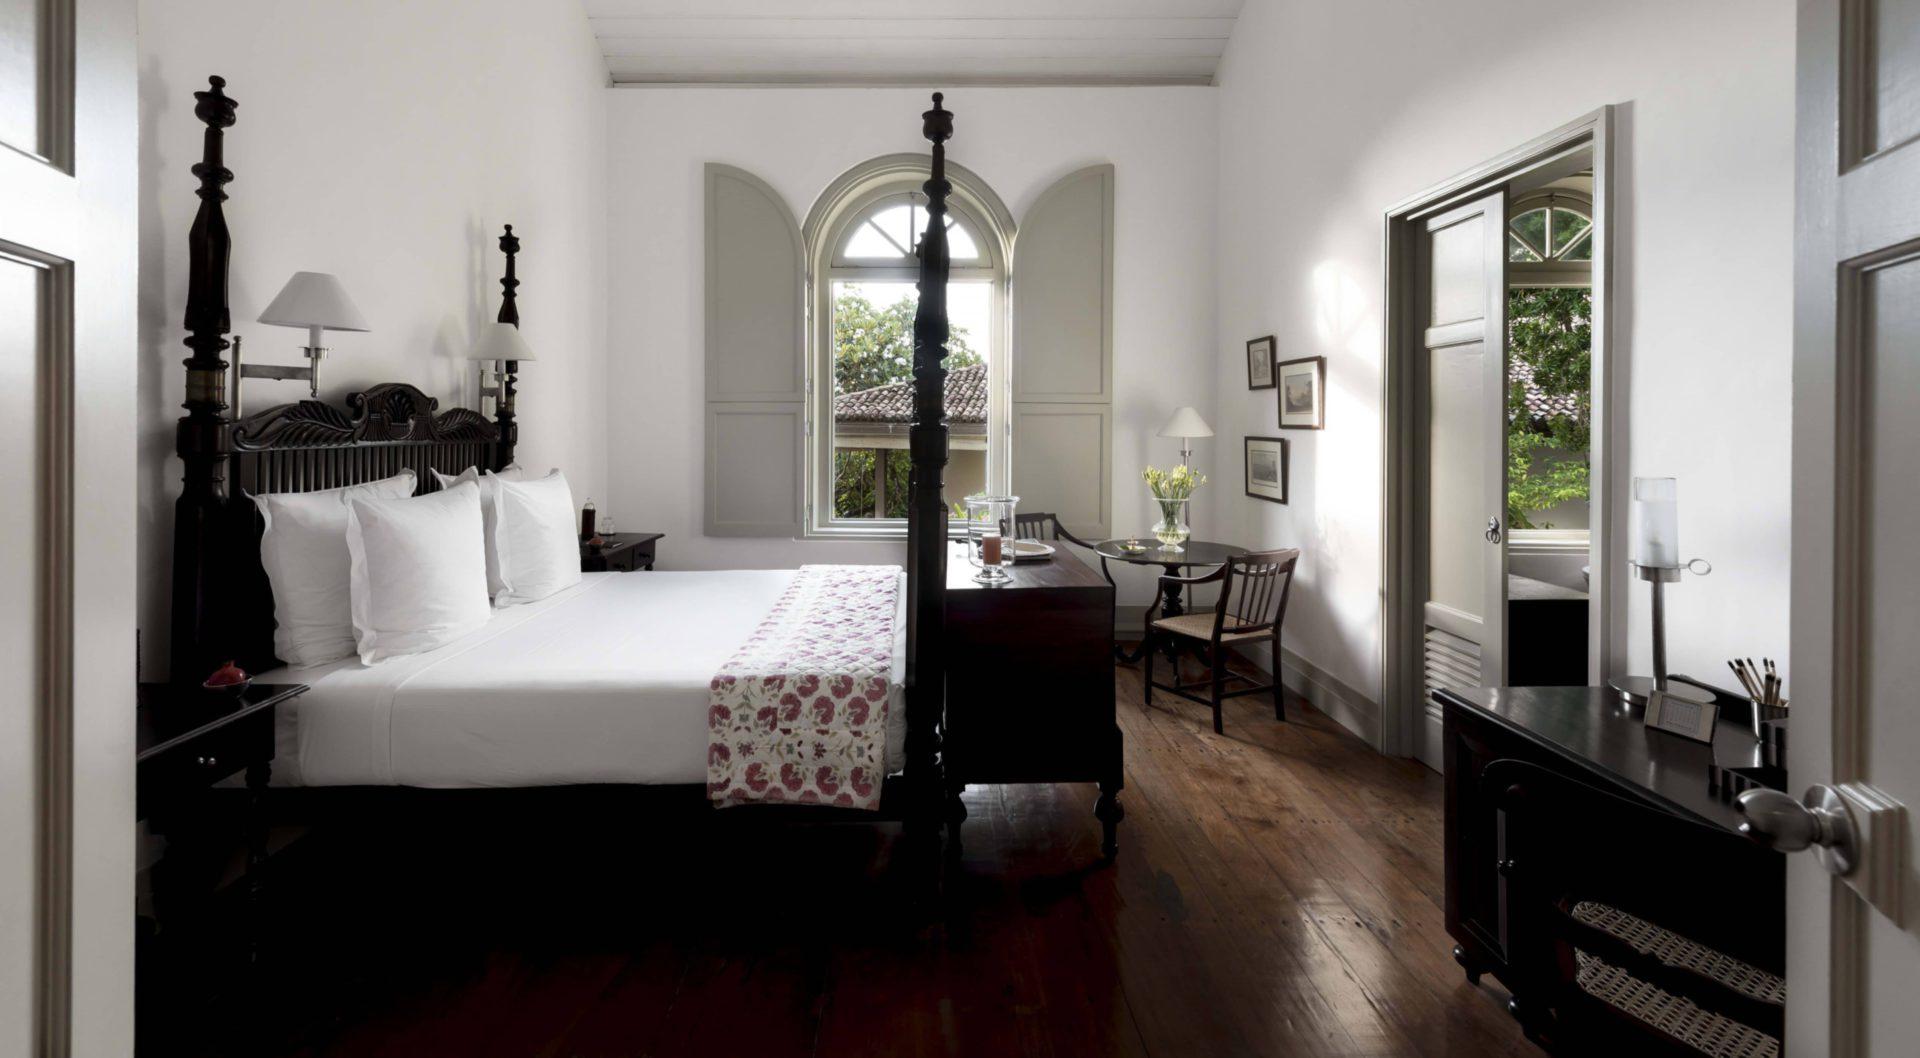 amangalla_bedroom_hi-res-8_high_res_10497